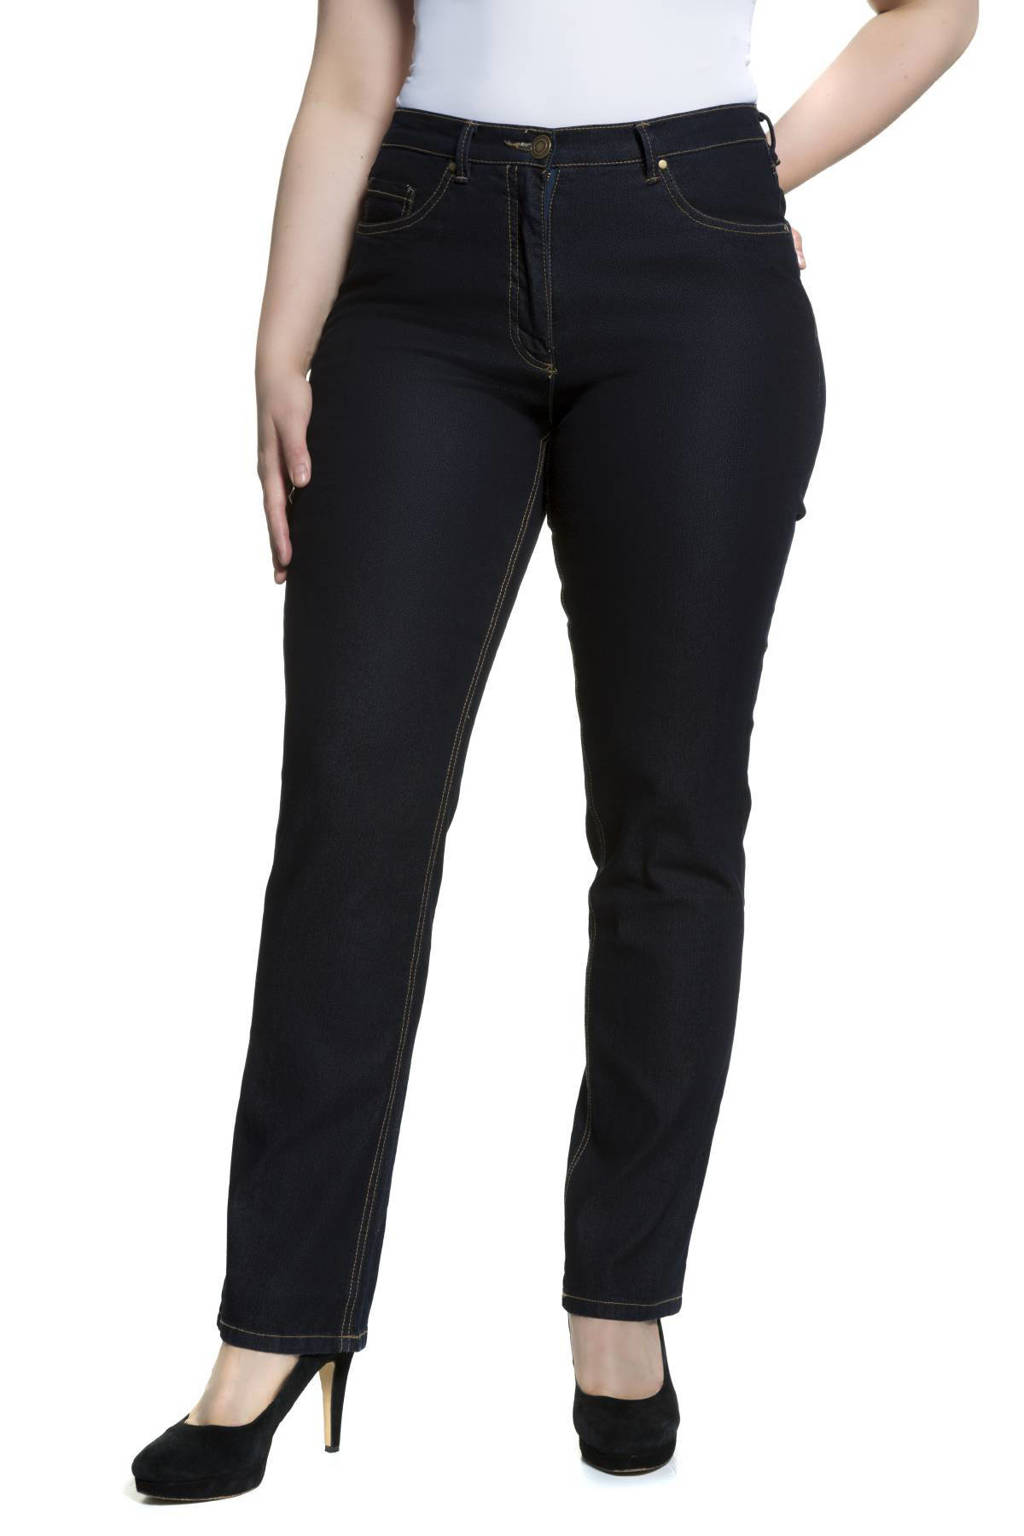 Ulla Popken high waist regular fit jeans Mandy dark denim, Dark denim